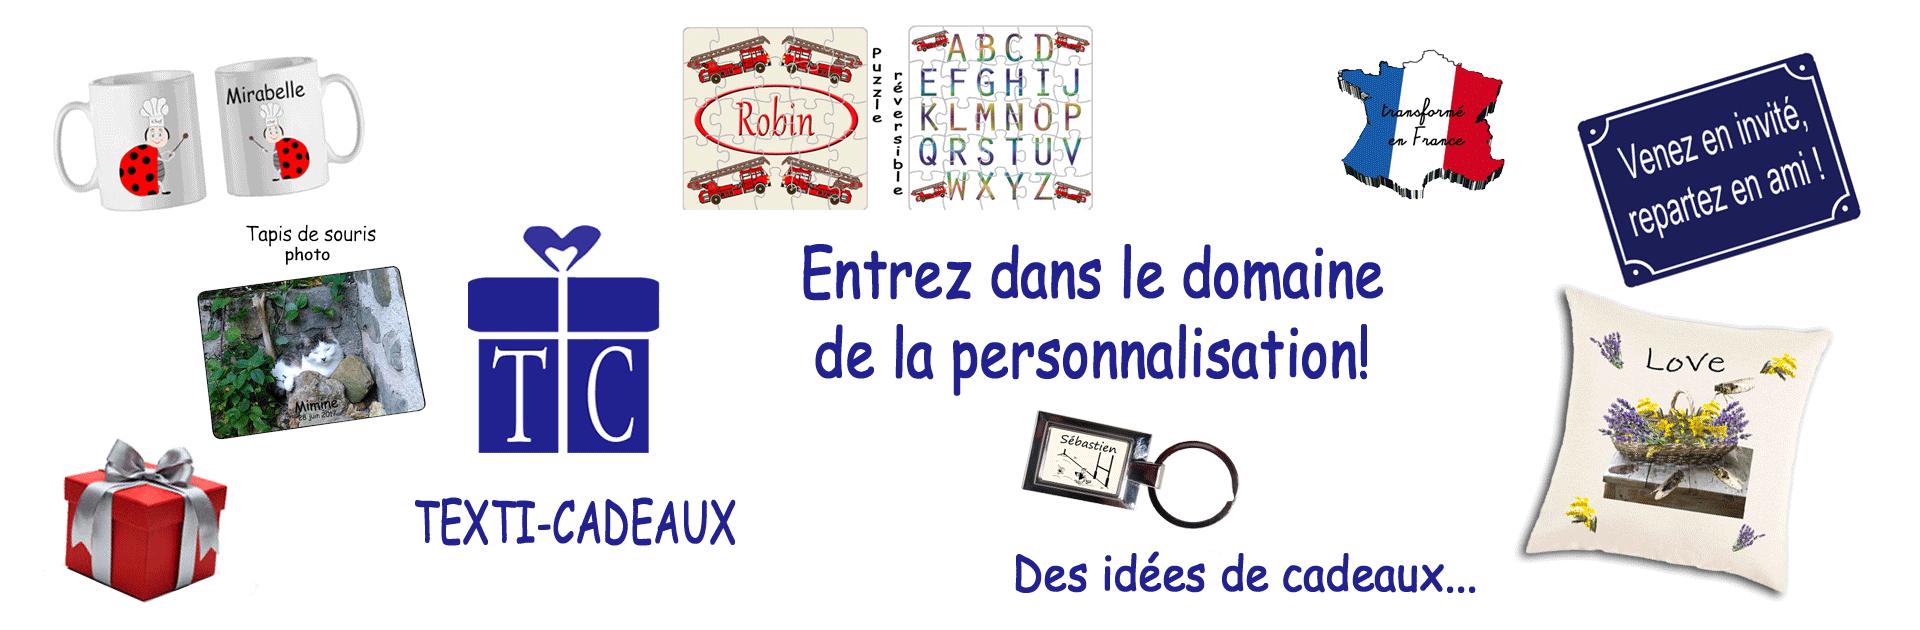 texti cadeaux bandeaux d automne 2019 personnalisable